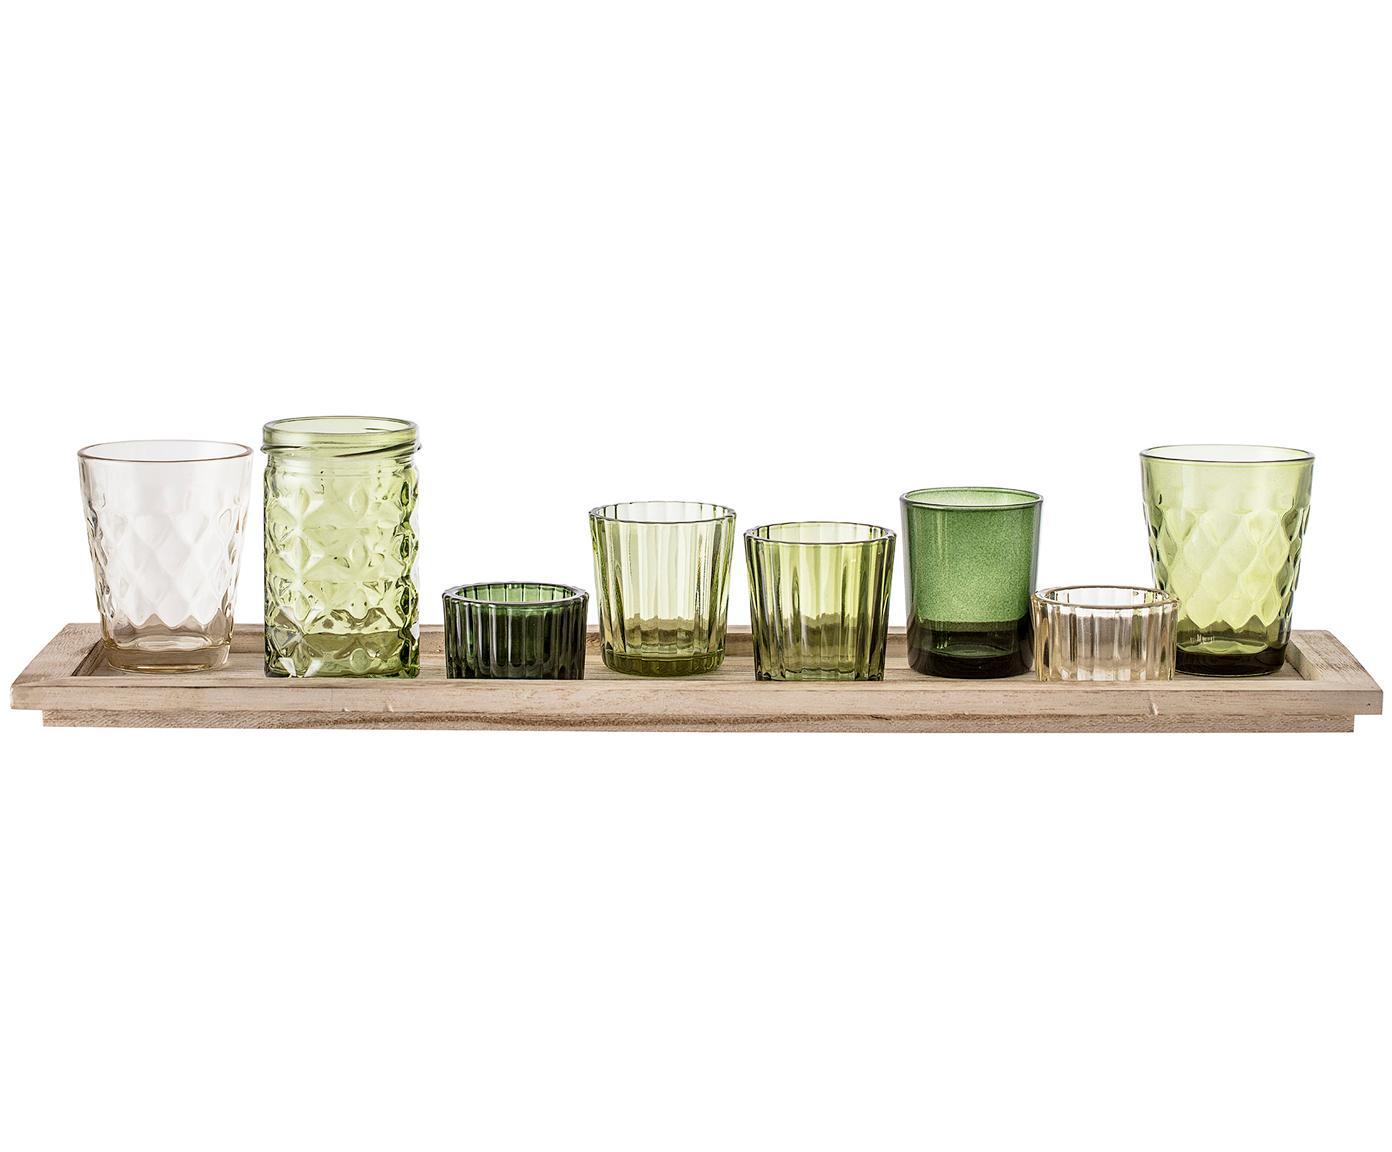 Set di 9 portalumini Wibke, Vassoio: legno di paulownia, Verde, marrone chiaro, Larg. 50 x Alt. 11 cm